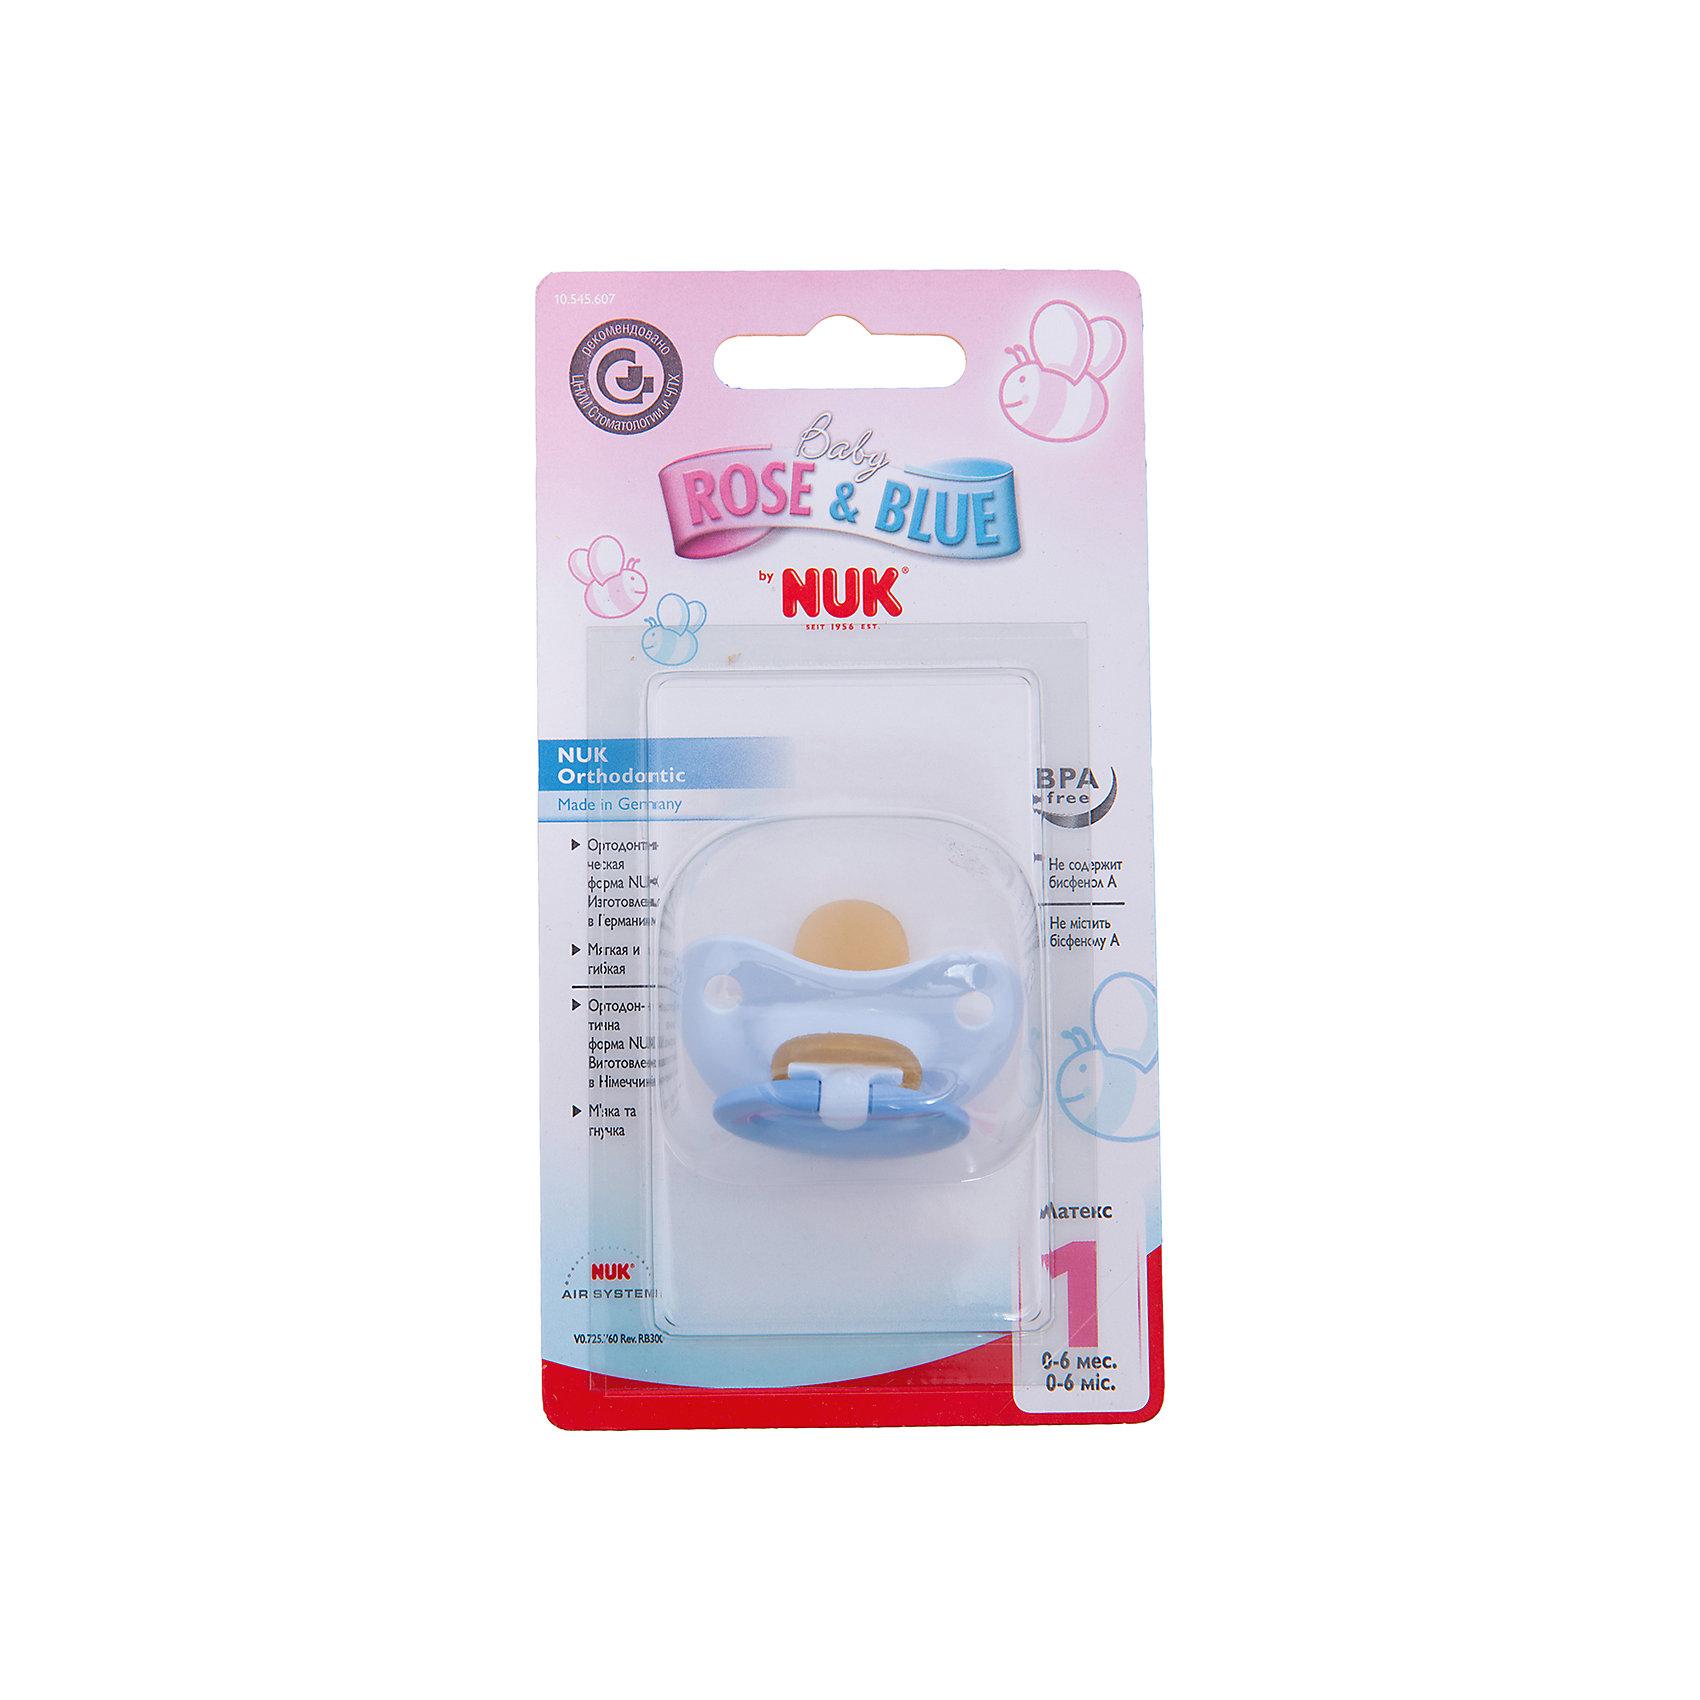 Пустышка для сна с кольцом Латекс, р. 1, Baby Blue, NUKПустышка для сна имеет ортодонтическую форму, что обеспечивает правильное формирование прикуса и челюстно-лицевого аппарата. Пустышка идеально прилегает к лицу и подходит по форме к ротовой полости малыша. Клапанная система NUK AIR SYSTEM позволяет воздуху выходить через специальное отверстие, поэтому, пустышка сохраняет свою форму и мягкость. В загубнике есть два симметричных отверстия, которые обеспечивают крохе легкое дыхание ночью. Кольцо пустышки складывается, благодаря этому она не сдавливает лицо малыша во время сна. Пустышка выполнена из гипоаллергенных материалов безопасных для детей.<br><br>Дополнительная информация:<br><br>- Материал: латекс, пластик.<br>- Размер: 1<br>- Цвет: нежно-голубой, белый.<br>- Клапанная система NUK AIR SYSTEM.<br><br>Пустышку для сна с кольцом Латекс, р. 1, Baby Blue, NUK можно купить в нашем магазине.<br><br>Ширина мм: 110<br>Глубина мм: 200<br>Высота мм: 130<br>Вес г: 30<br>Возраст от месяцев: 0<br>Возраст до месяцев: 6<br>Пол: Мужской<br>Возраст: Детский<br>SKU: 3932412